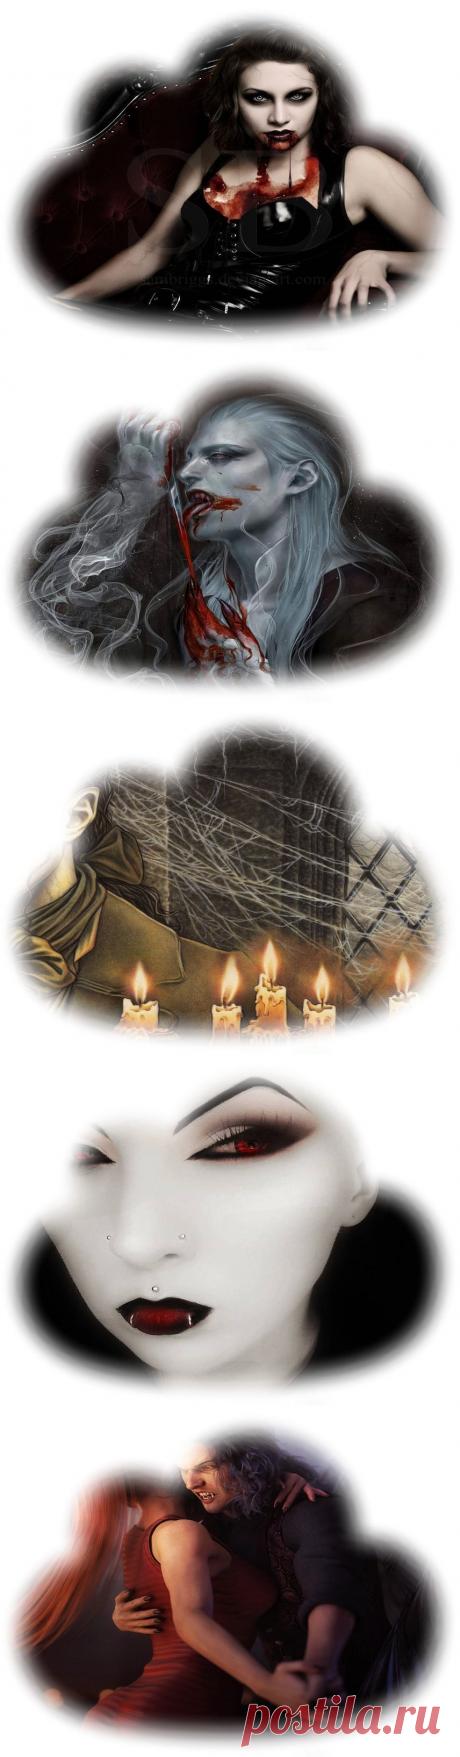 Что значит сон, в котором приснились вампиры? Сонник — К чему снится Вампир